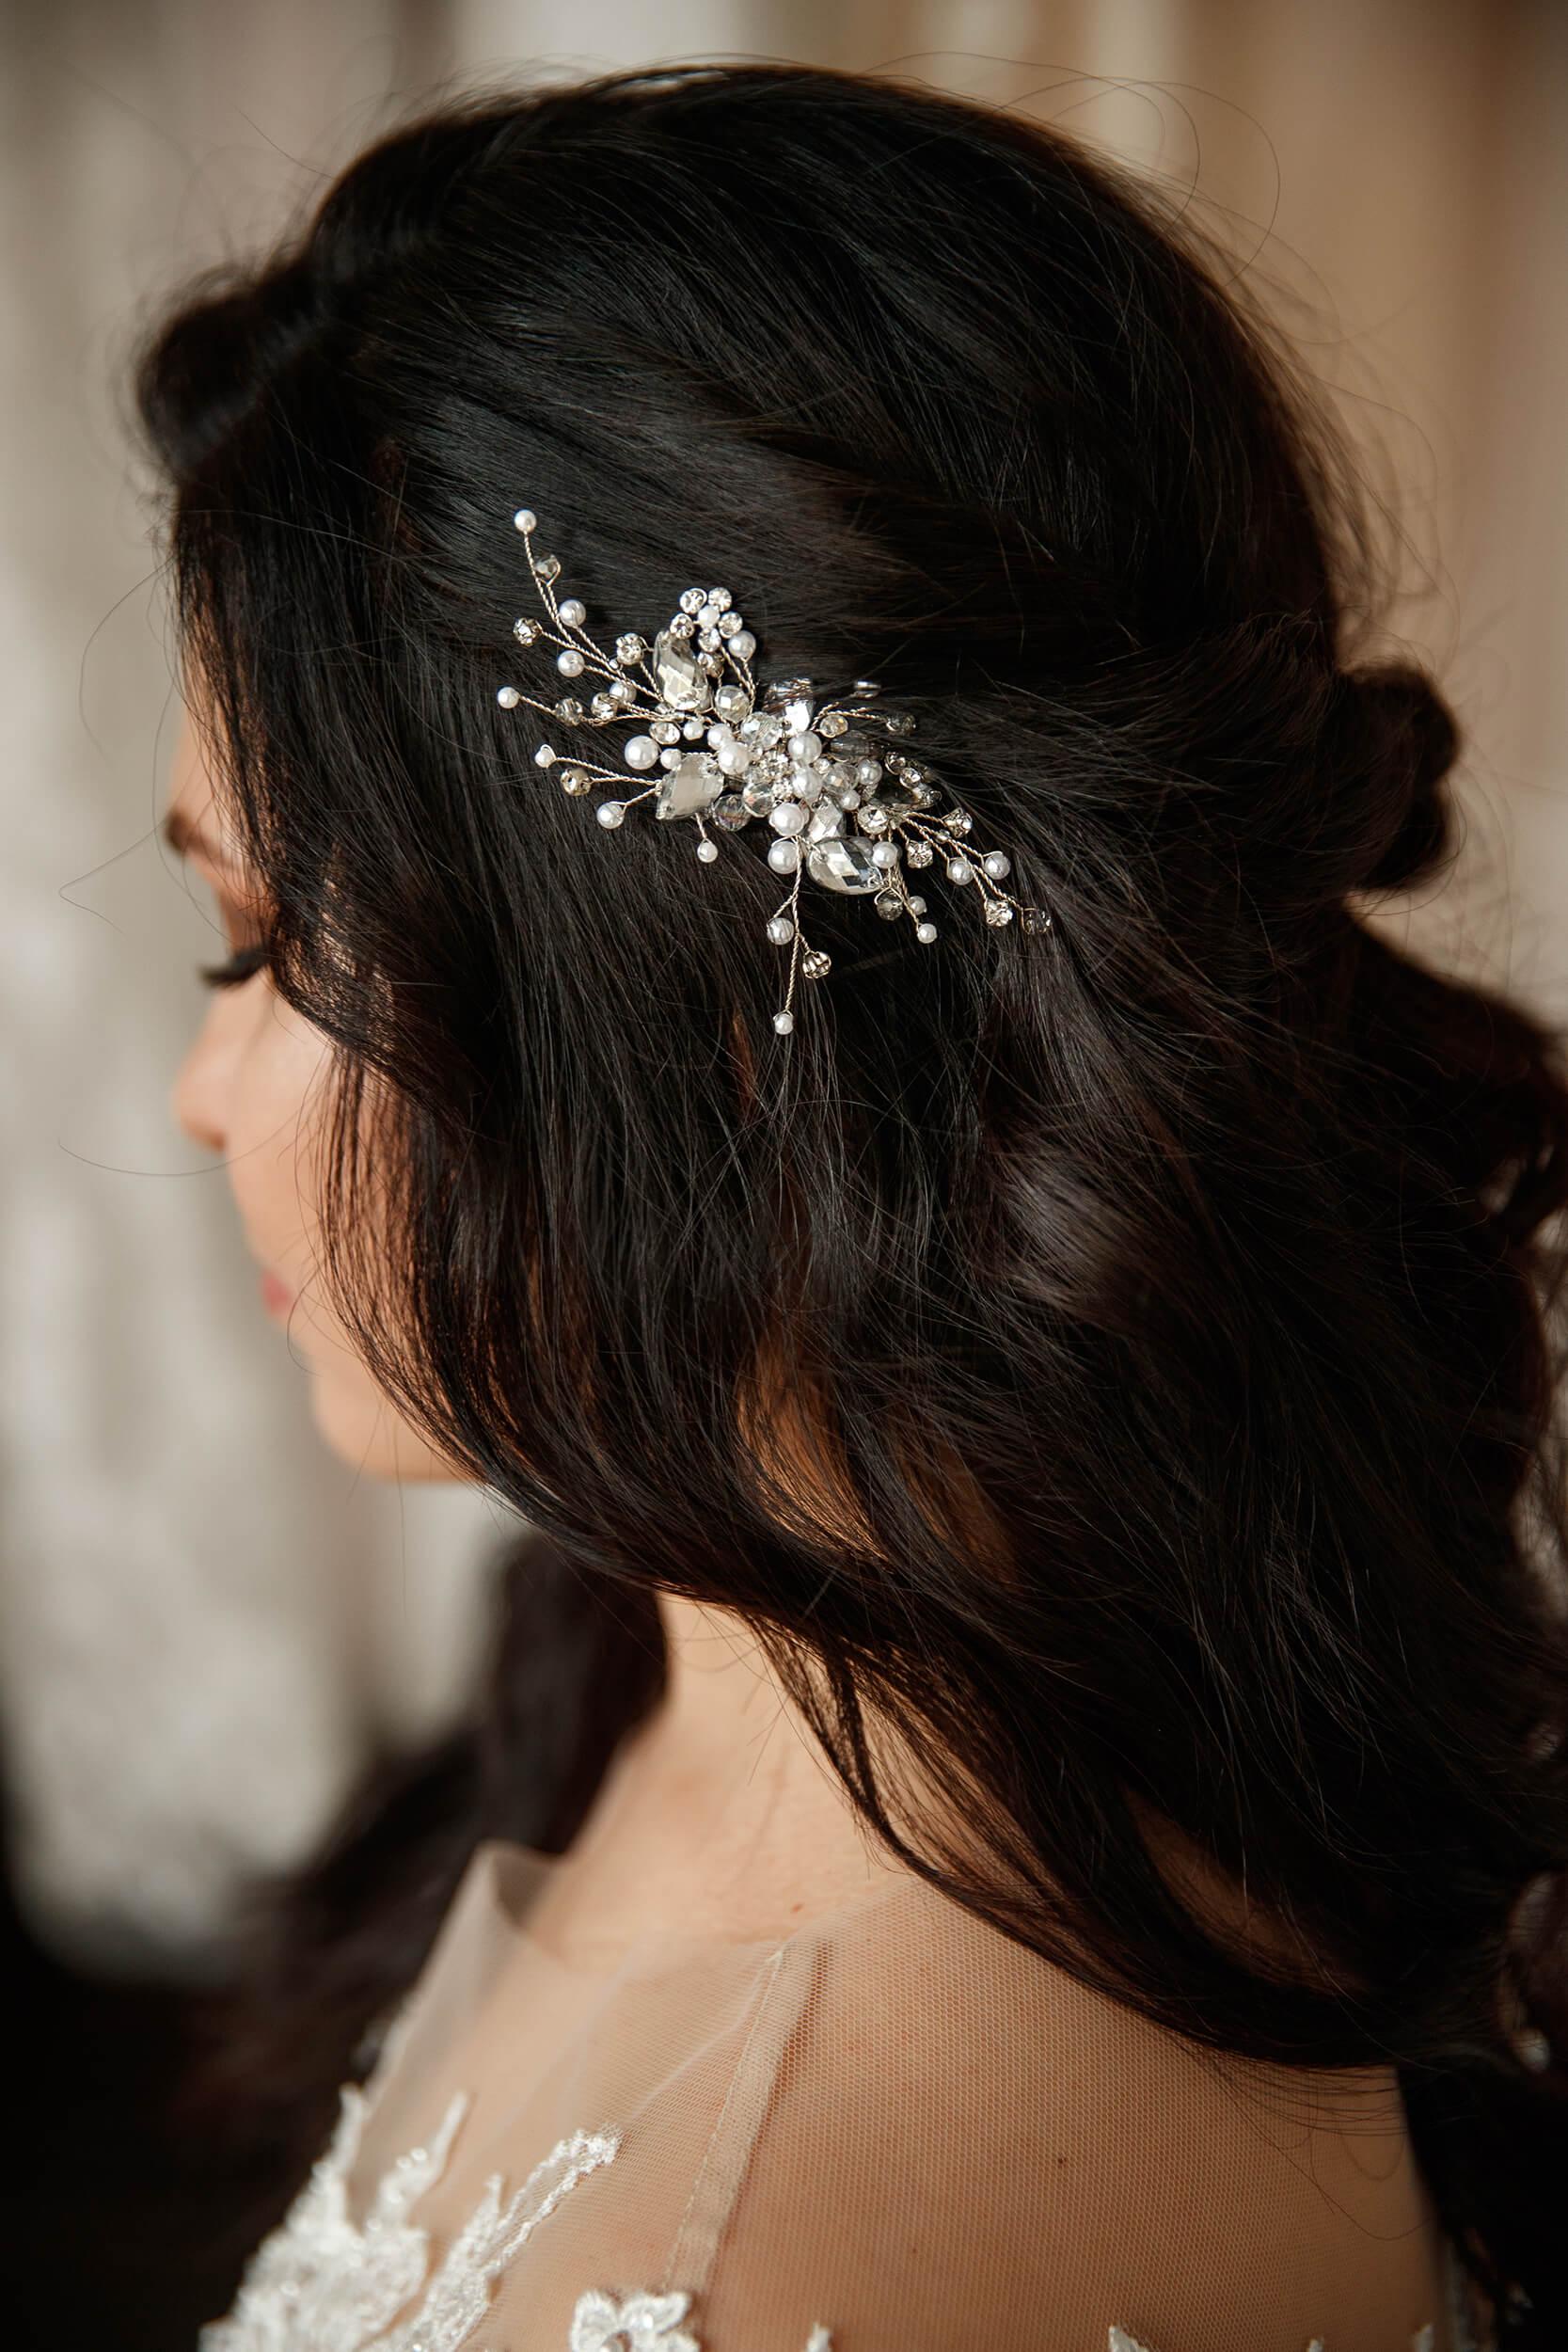 красивые украшения для волос(3)   Vero